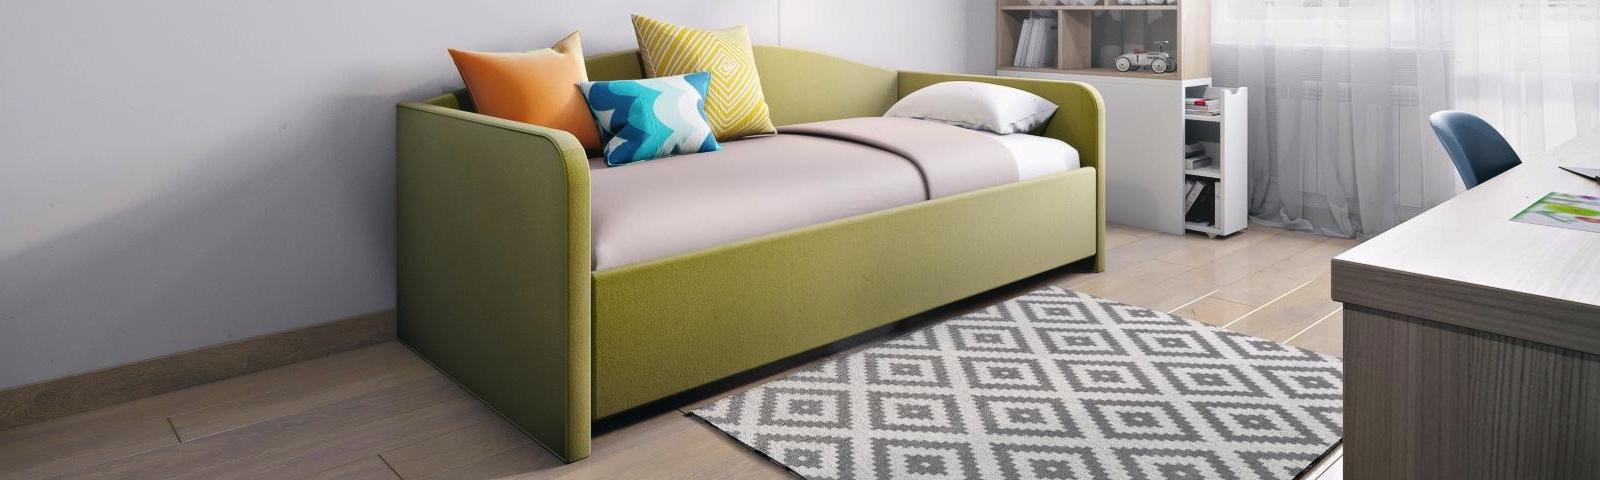 Подростковая кровать Сонум UNO